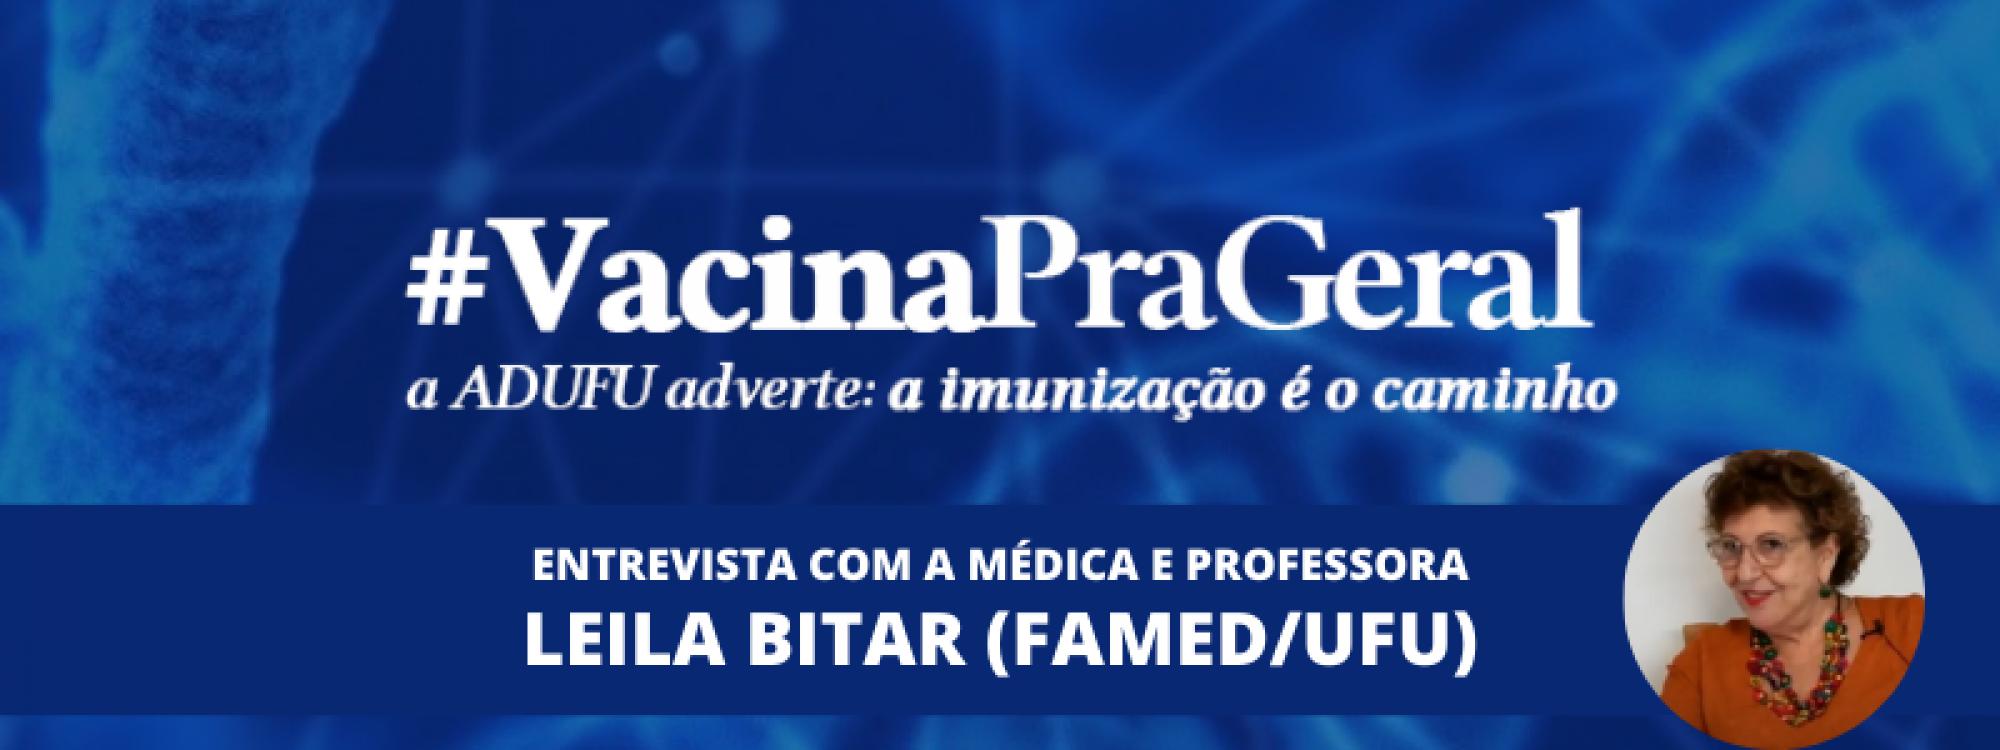 Vacina pra Geral: entrevista com a médica e professora Leila Bitar, da Famed UFU